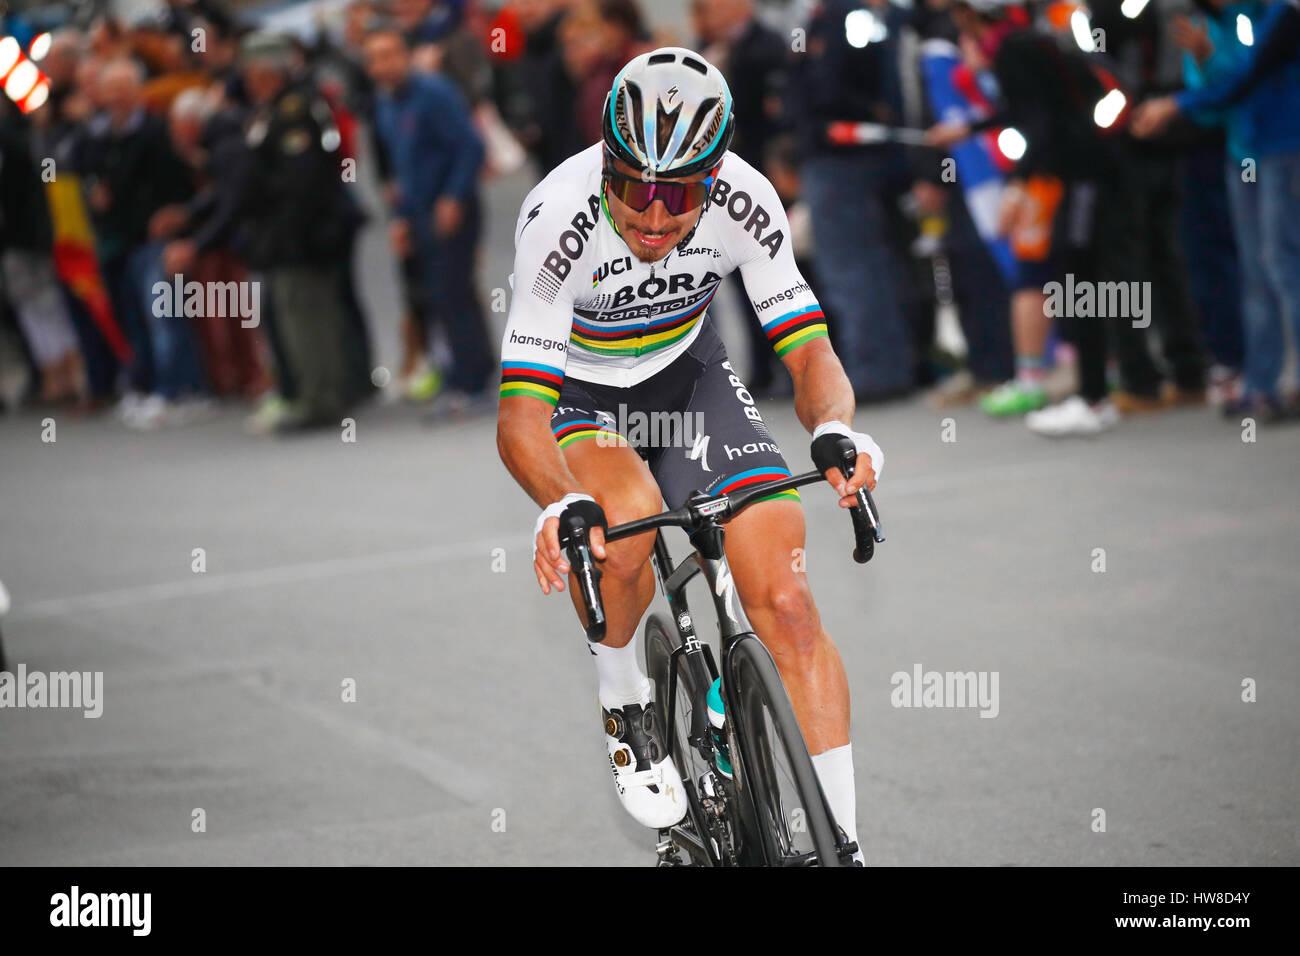 18 marzo 2017 108th Milano - Sanremo SAGAN Peter (SVK) Bora - Hansgrohe, a Poggio foto: Cronos/Yuzuru Sunada Foto Stock